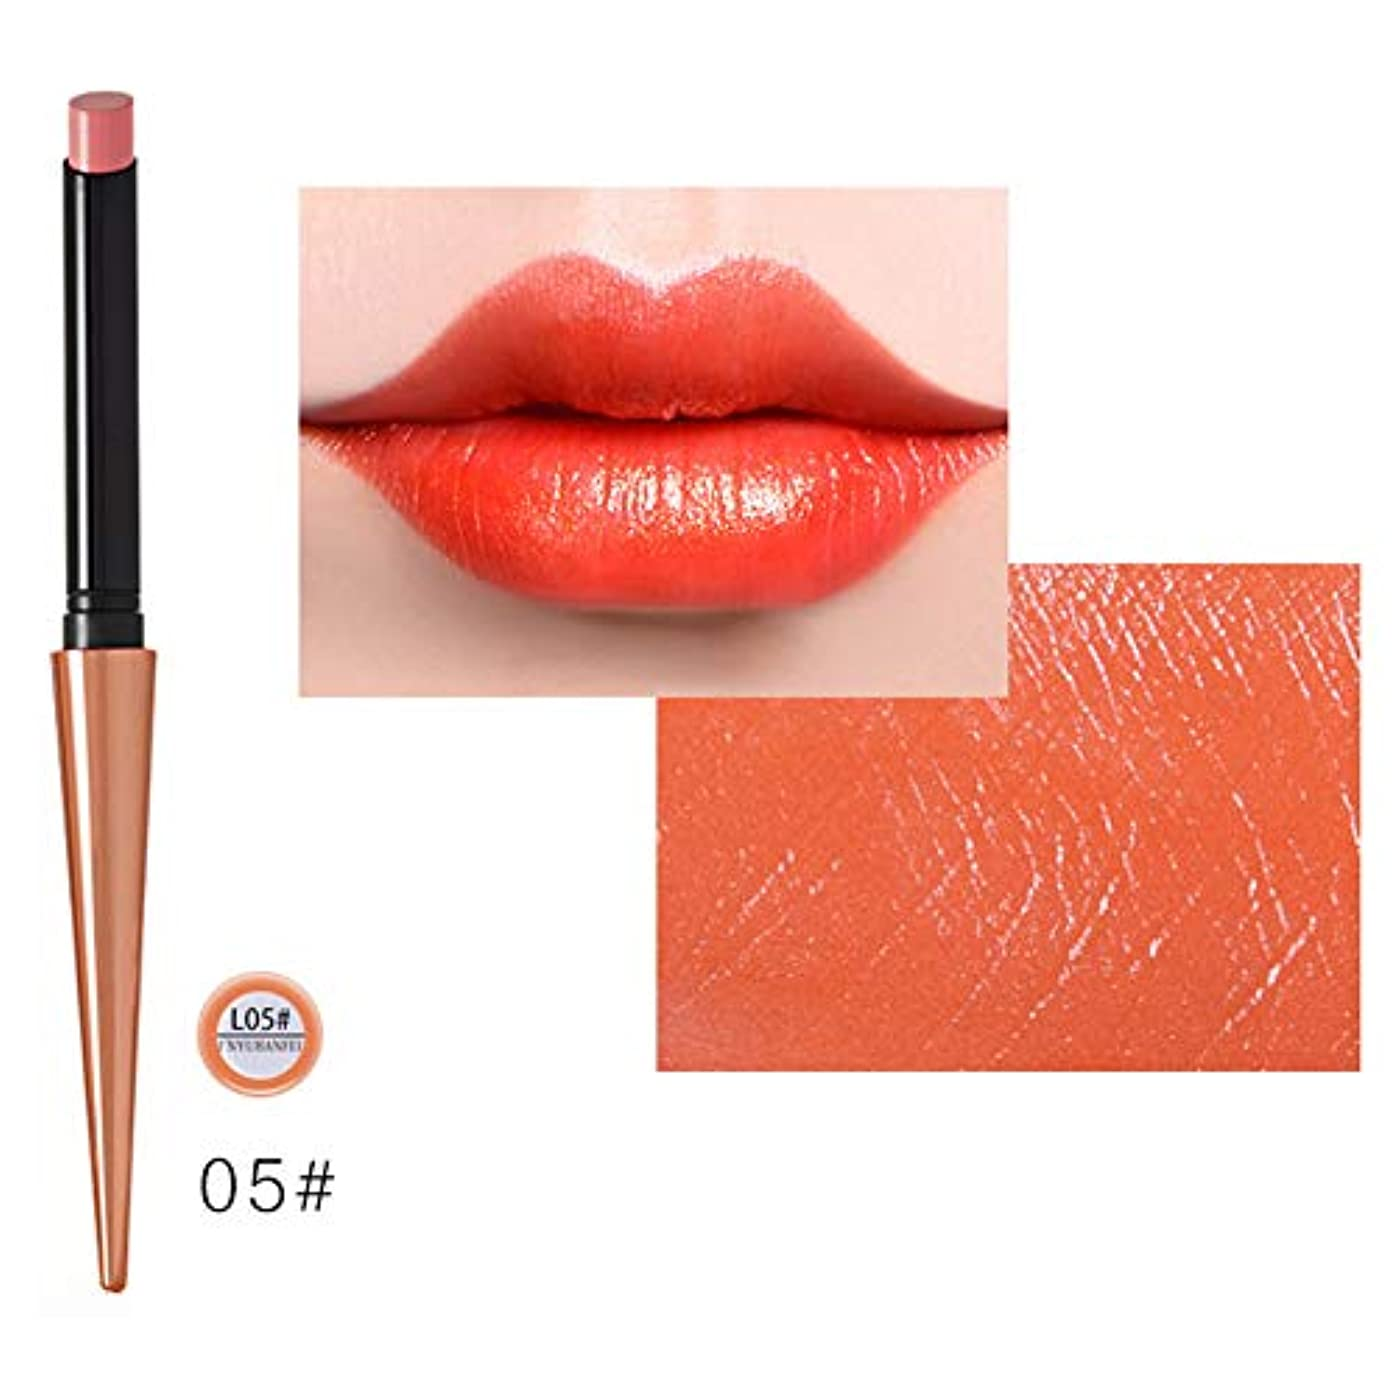 不十分解き明かすゆりかご口紅 リップマット リップティント リップスティック リップグロス つや消し 防水 長続き 唇の化粧品 化粧品 10色 Cutelove